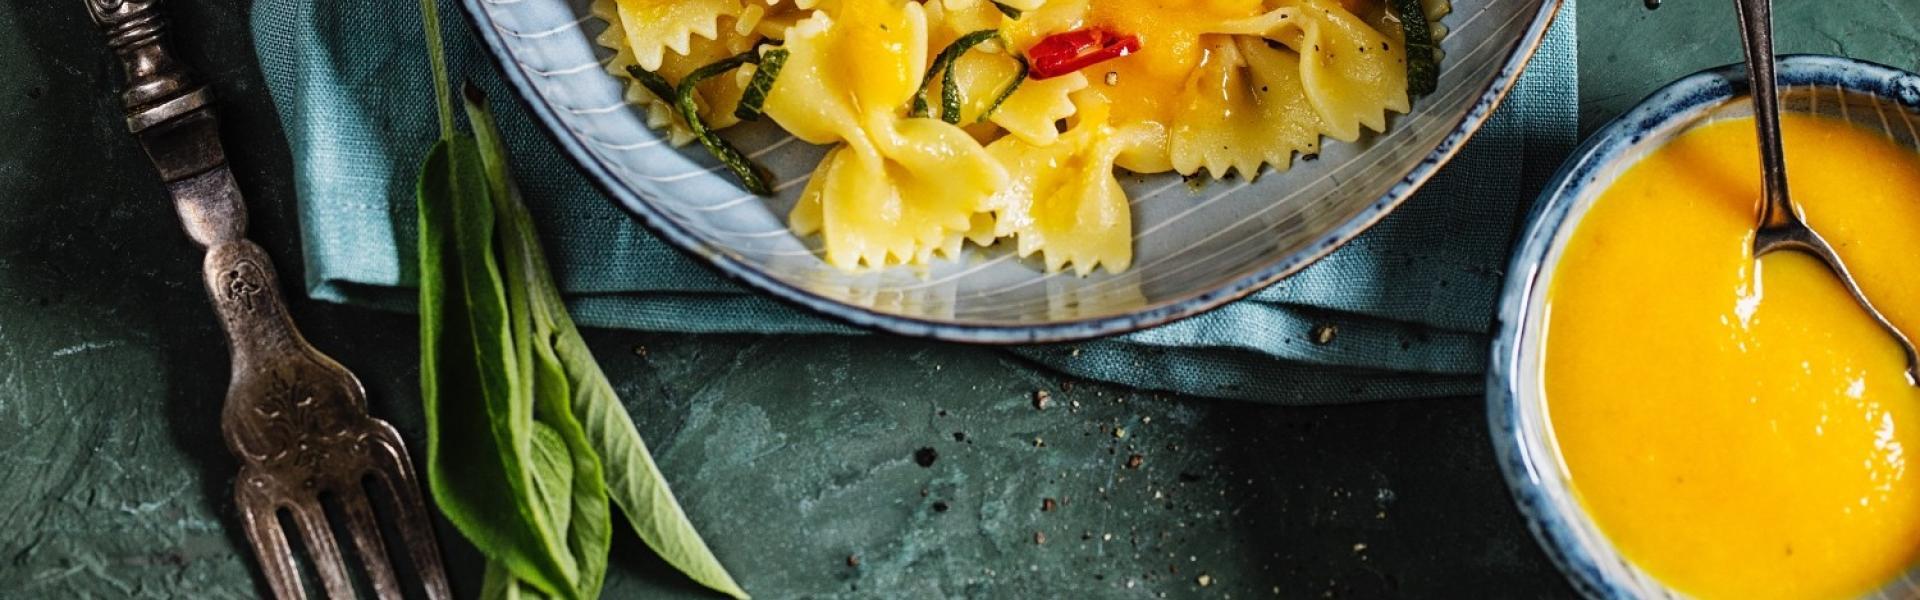 Farfalle in Pastasoße auf dunkelgrünem Teller in dunkelgrünem Setting.